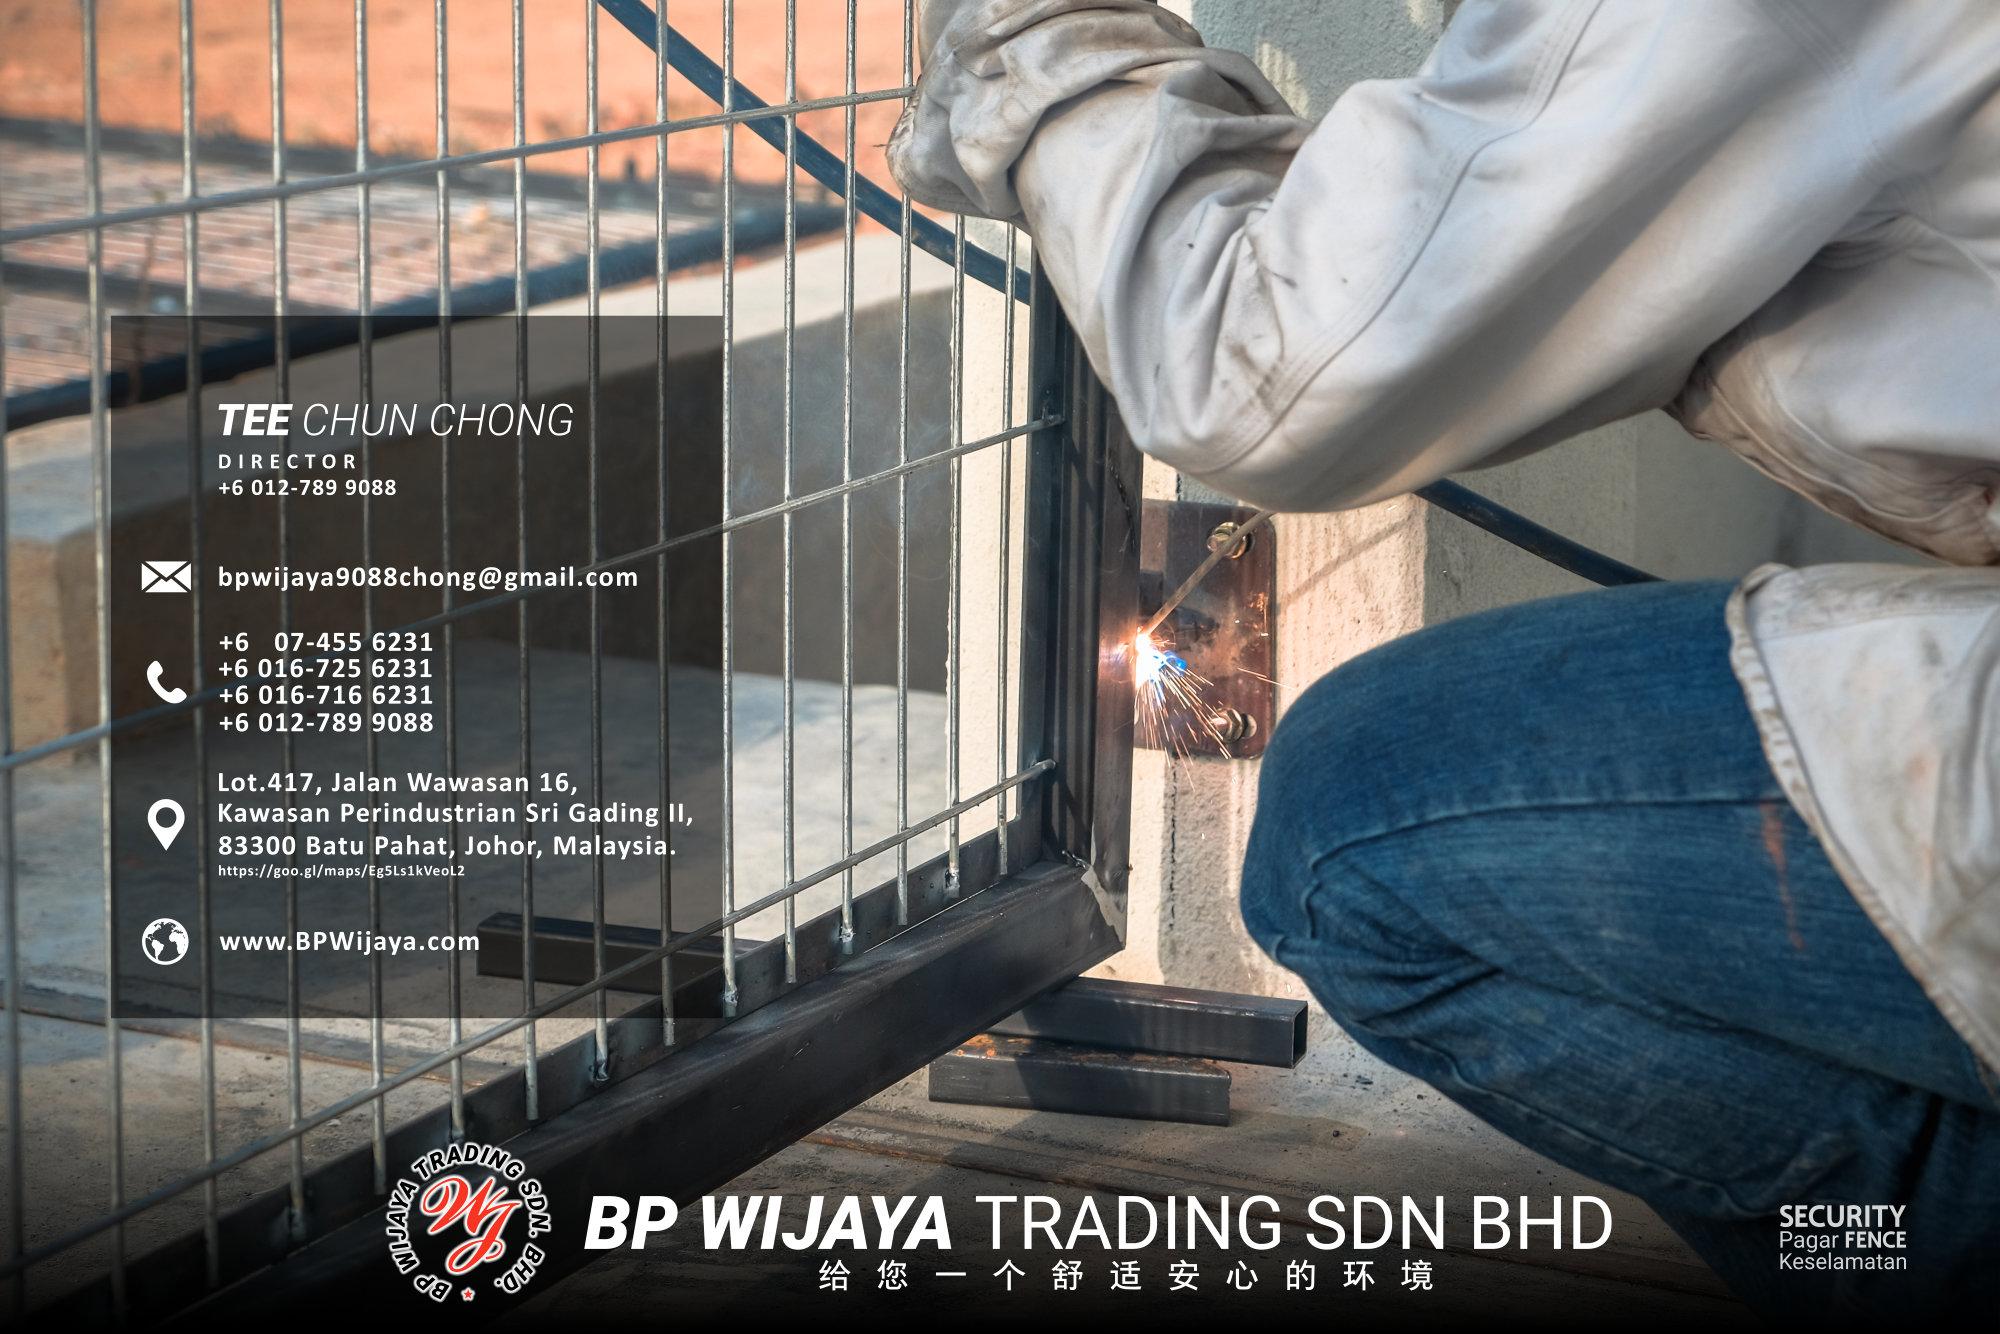 吉隆坡安全篱笆供应商 - 我们是安全篱笆制造商 BP Wijaya Trading Sdn Bhd 住家围栏篱笆 提供 吉隆坡篱笆 建筑材料 给 发展商 花园 公寓 住家 工厂 农场 果园 安全藩篱 建设 A03-019